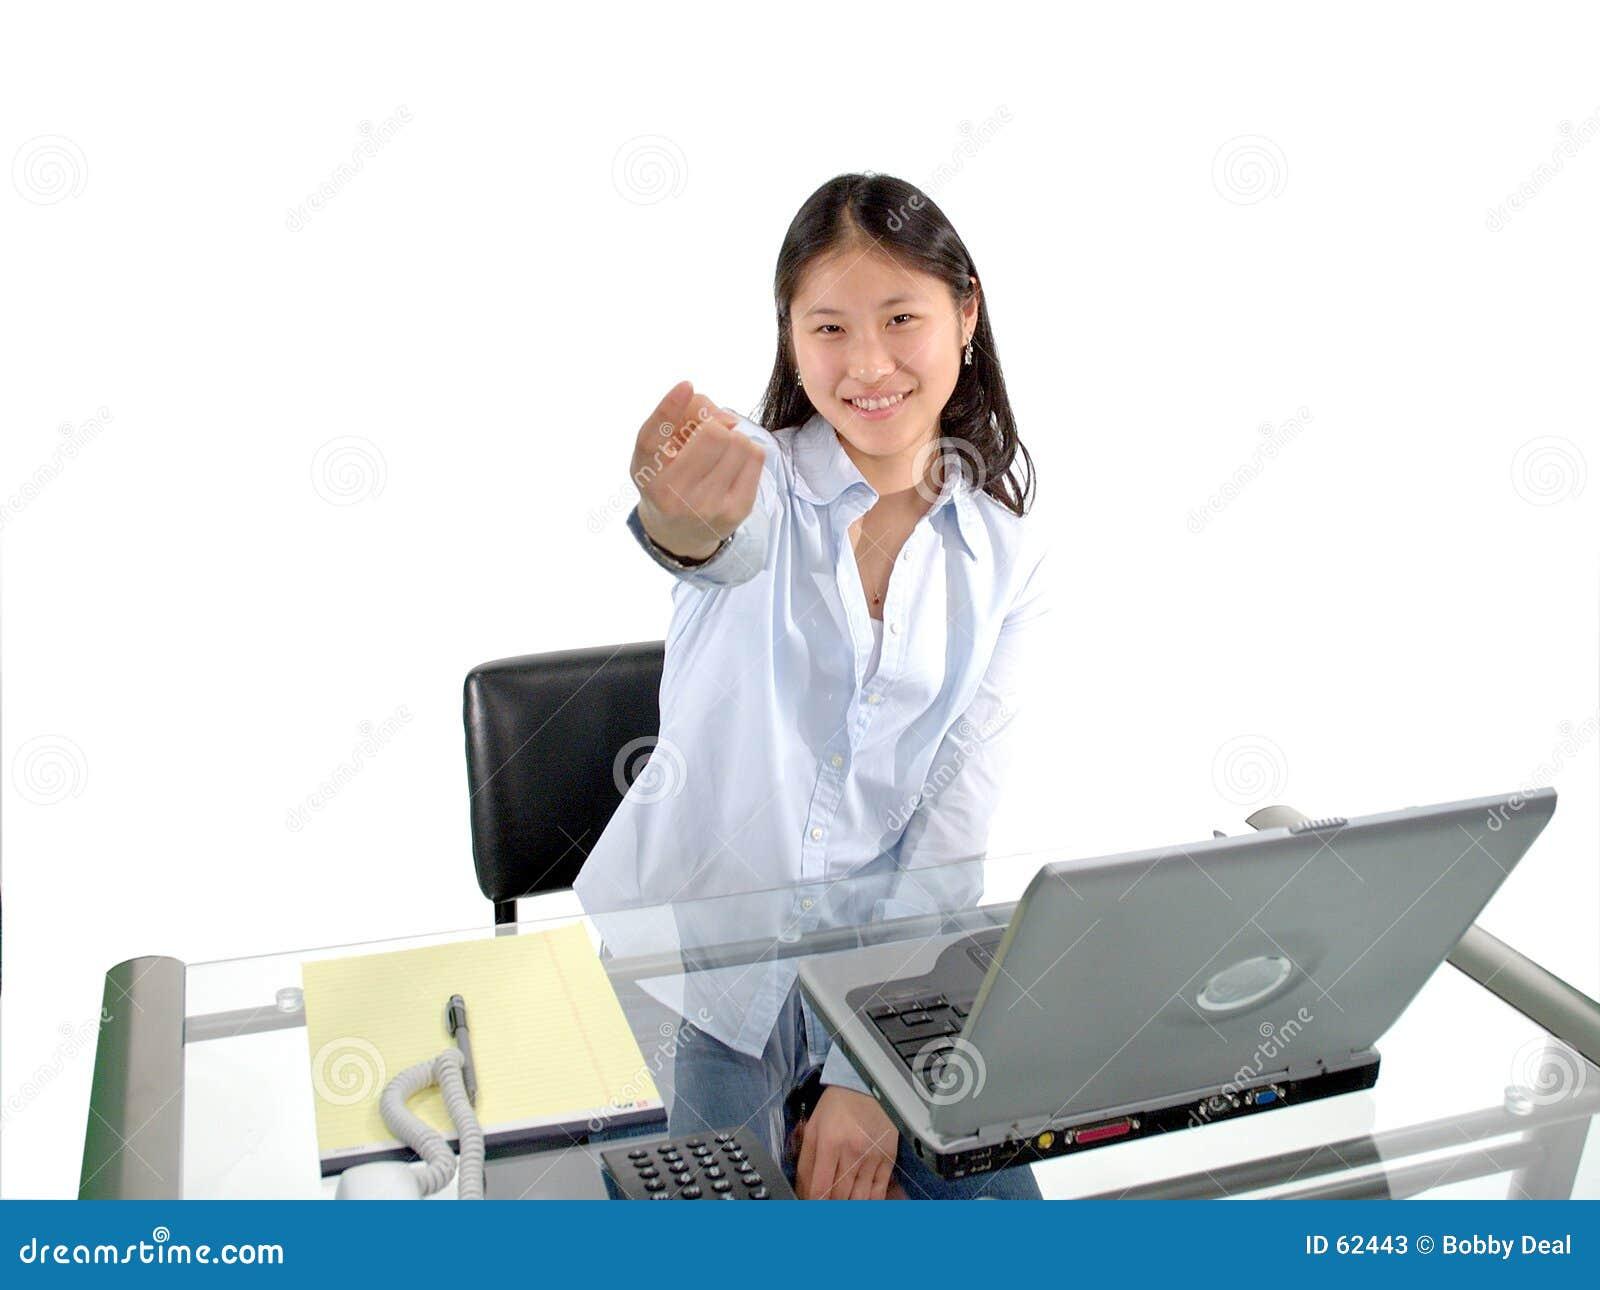 Download L'étudiant montre du doigt image stock. Image du japonais - 62443